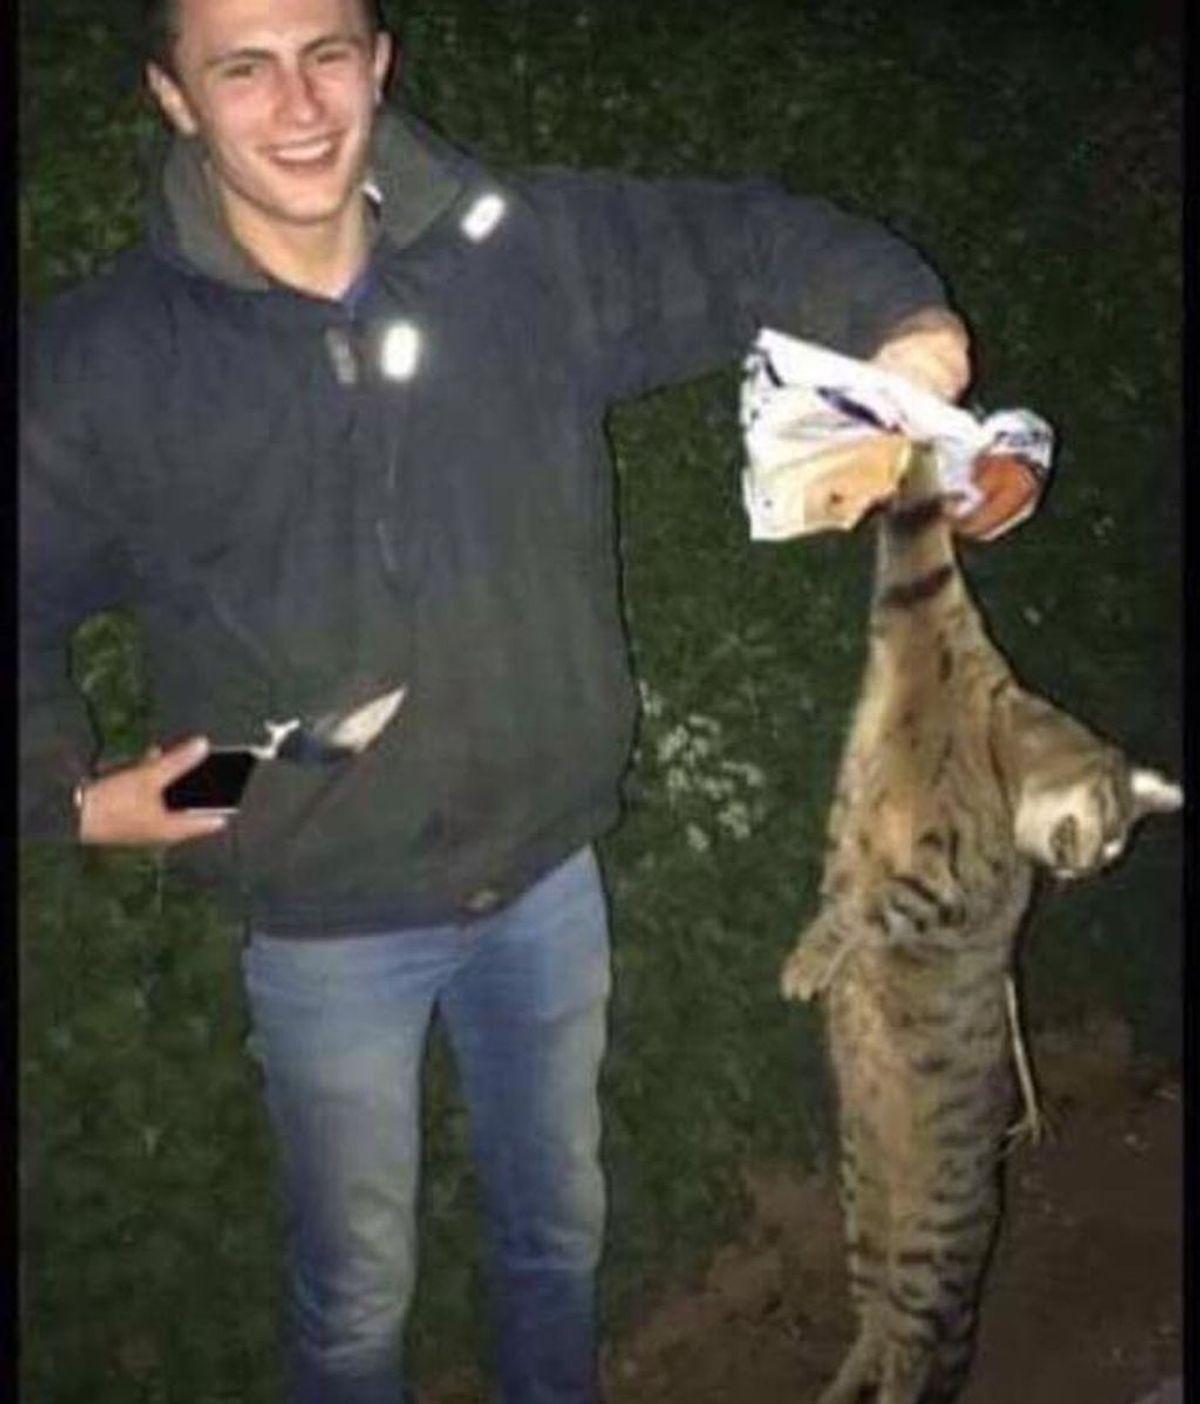 Suben a Snapchat como torturan y matan a un zorro, y al gato de un profesor